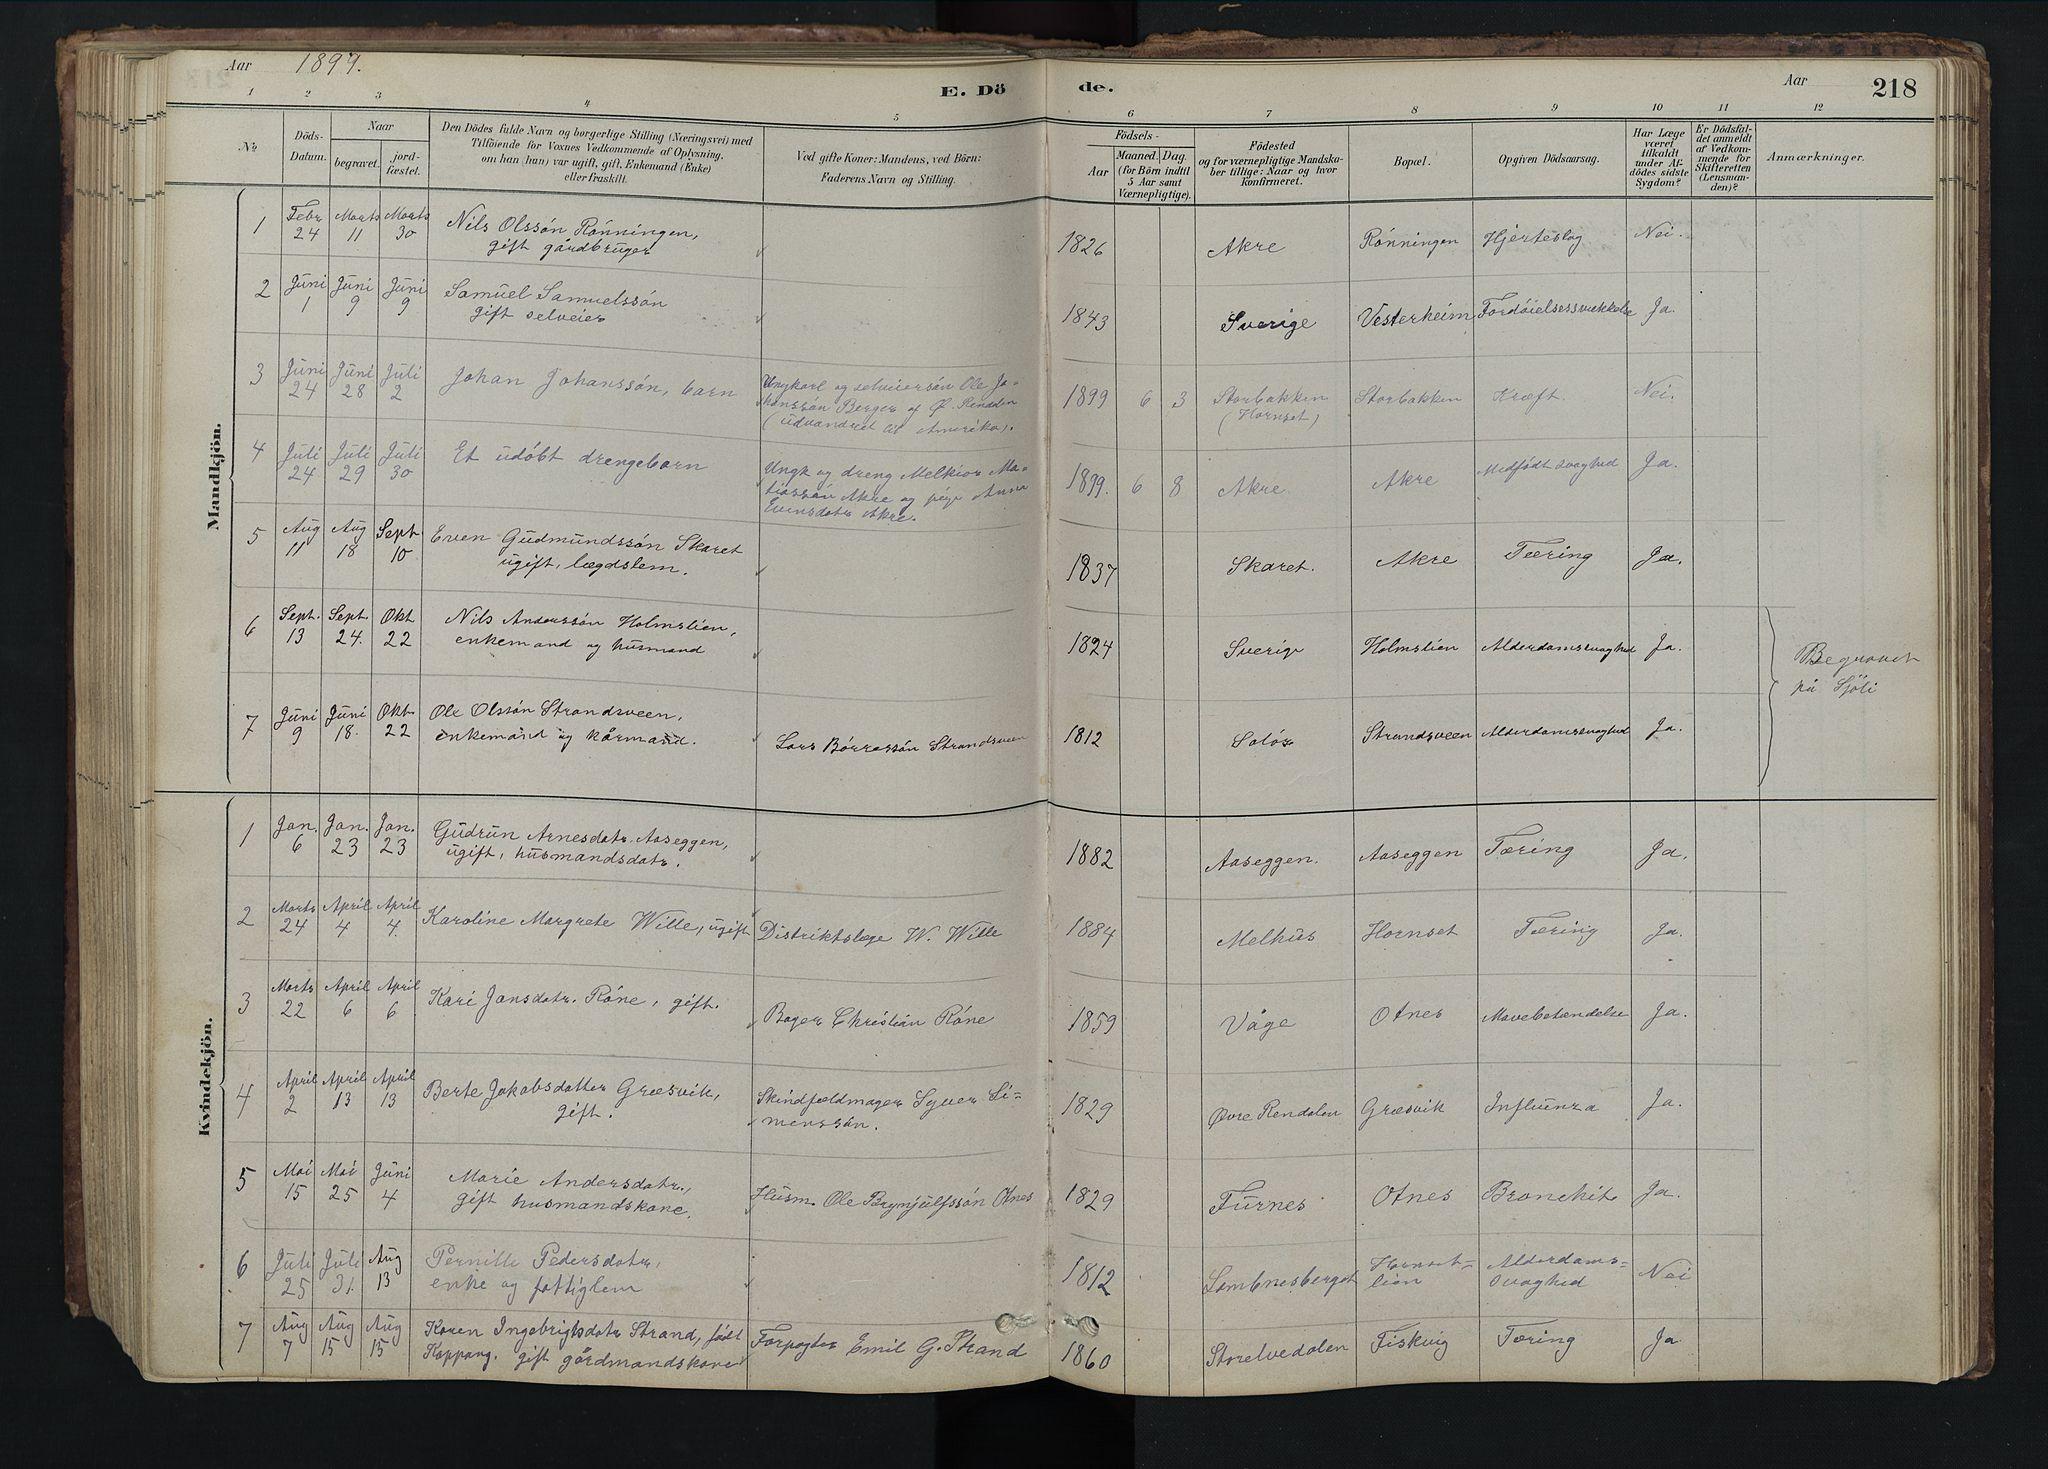 SAH, Rendalen prestekontor, H/Ha/Hab/L0009: Klokkerbok nr. 9, 1879-1902, s. 218